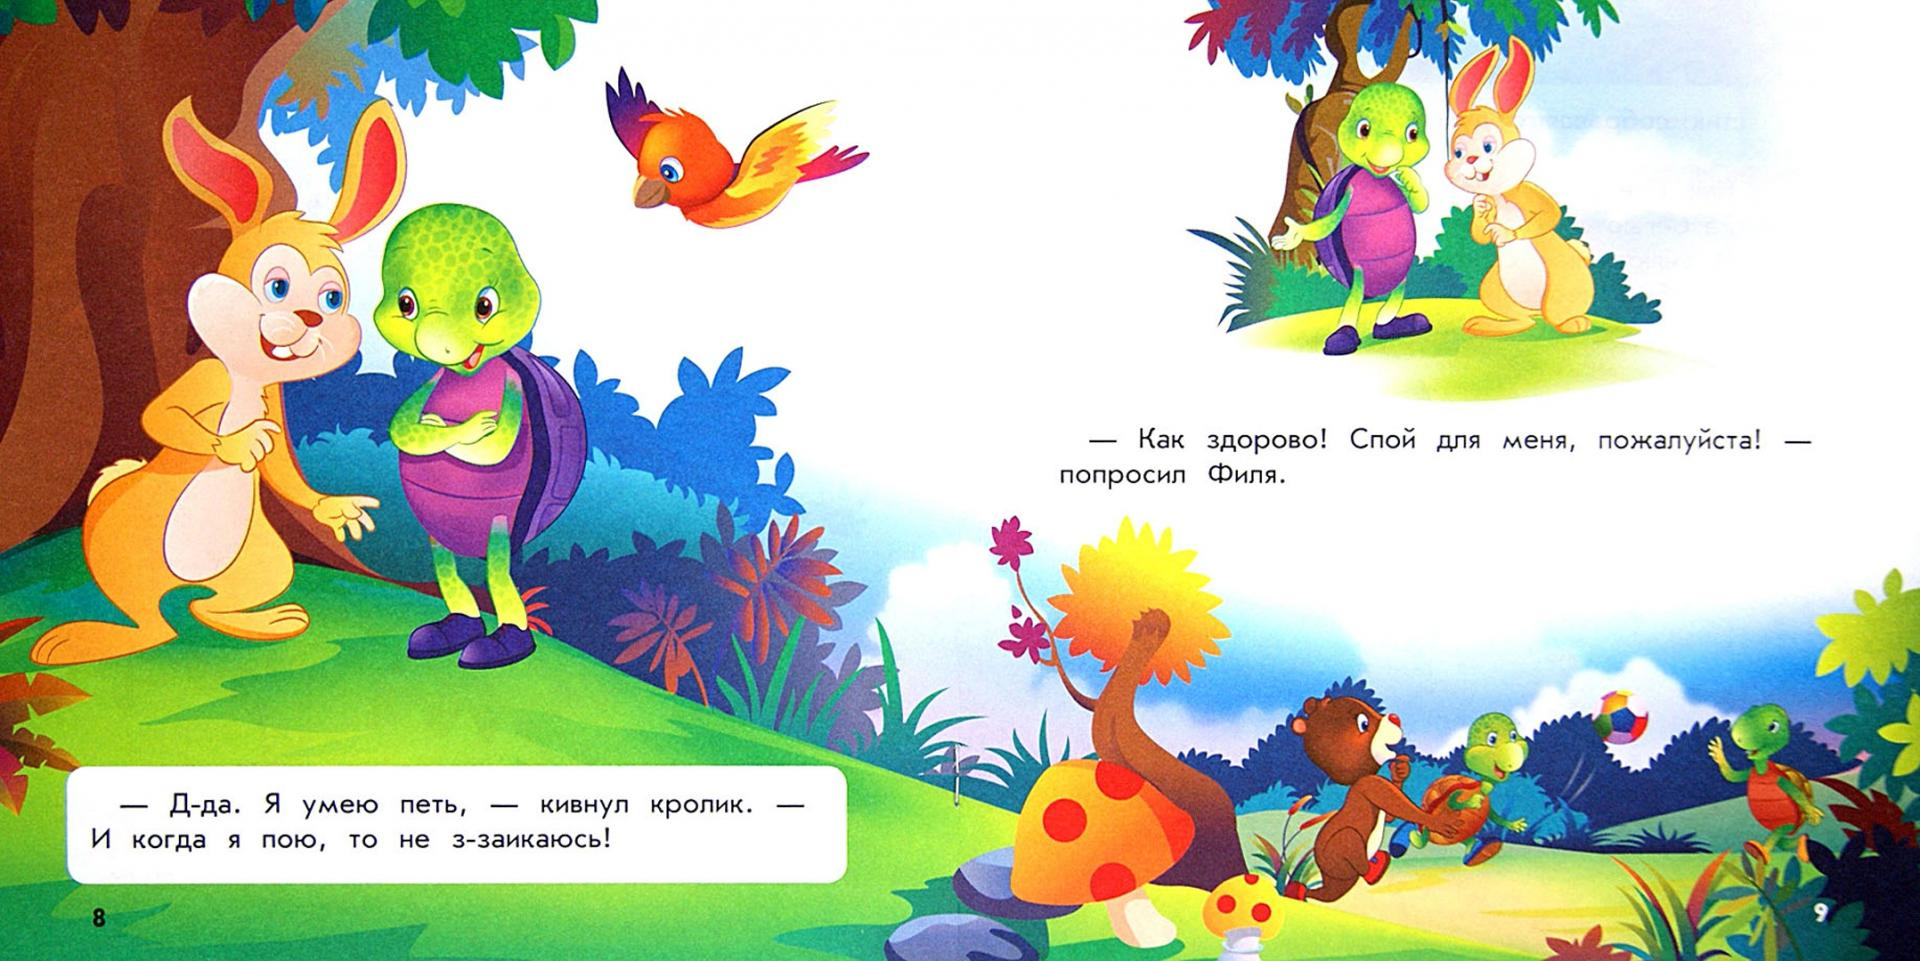 Иллюстрация 1 из 12 для Весёлая песенка - Свати Раджория   Лабиринт - книги. Источник: Лабиринт